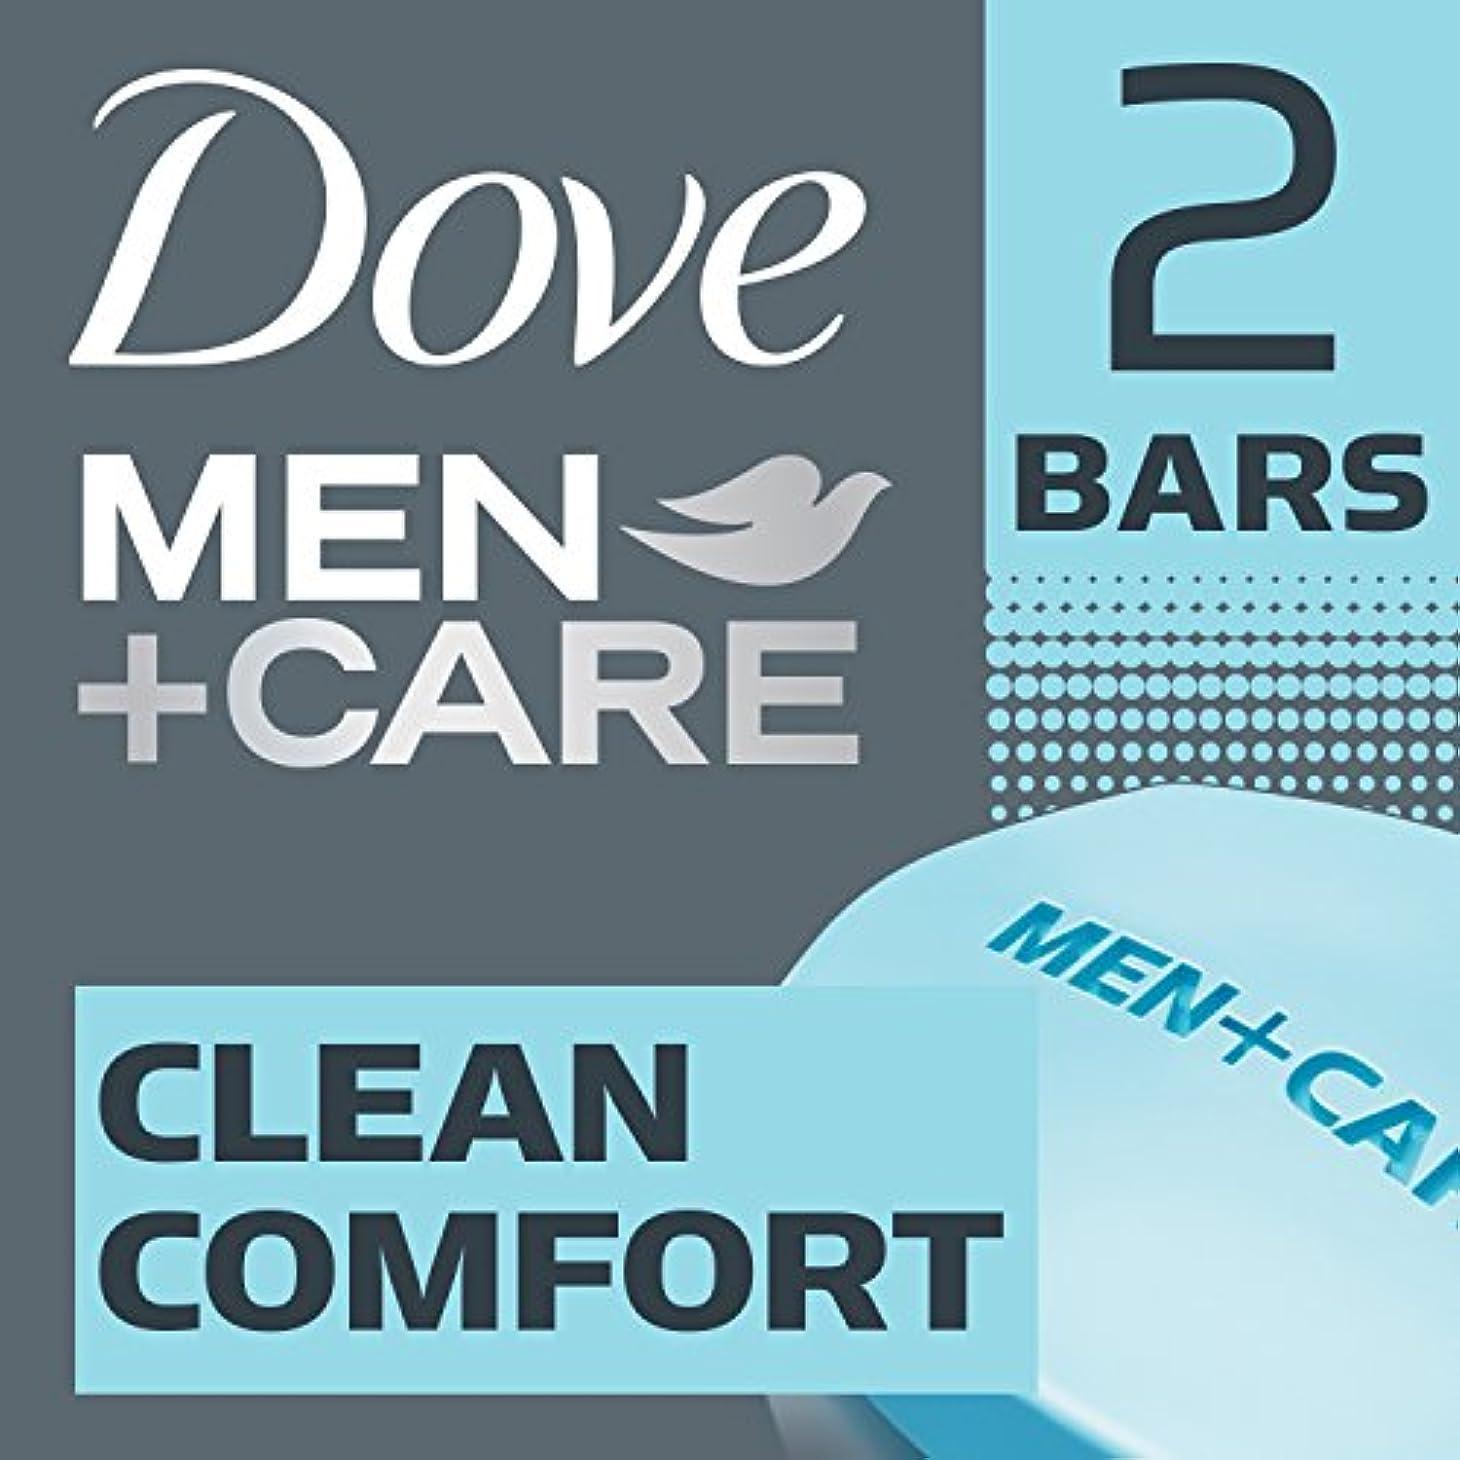 シャーク少ない一掃するDove 男性+ケアソープ、クリーンコンフォート4オンス、2バー